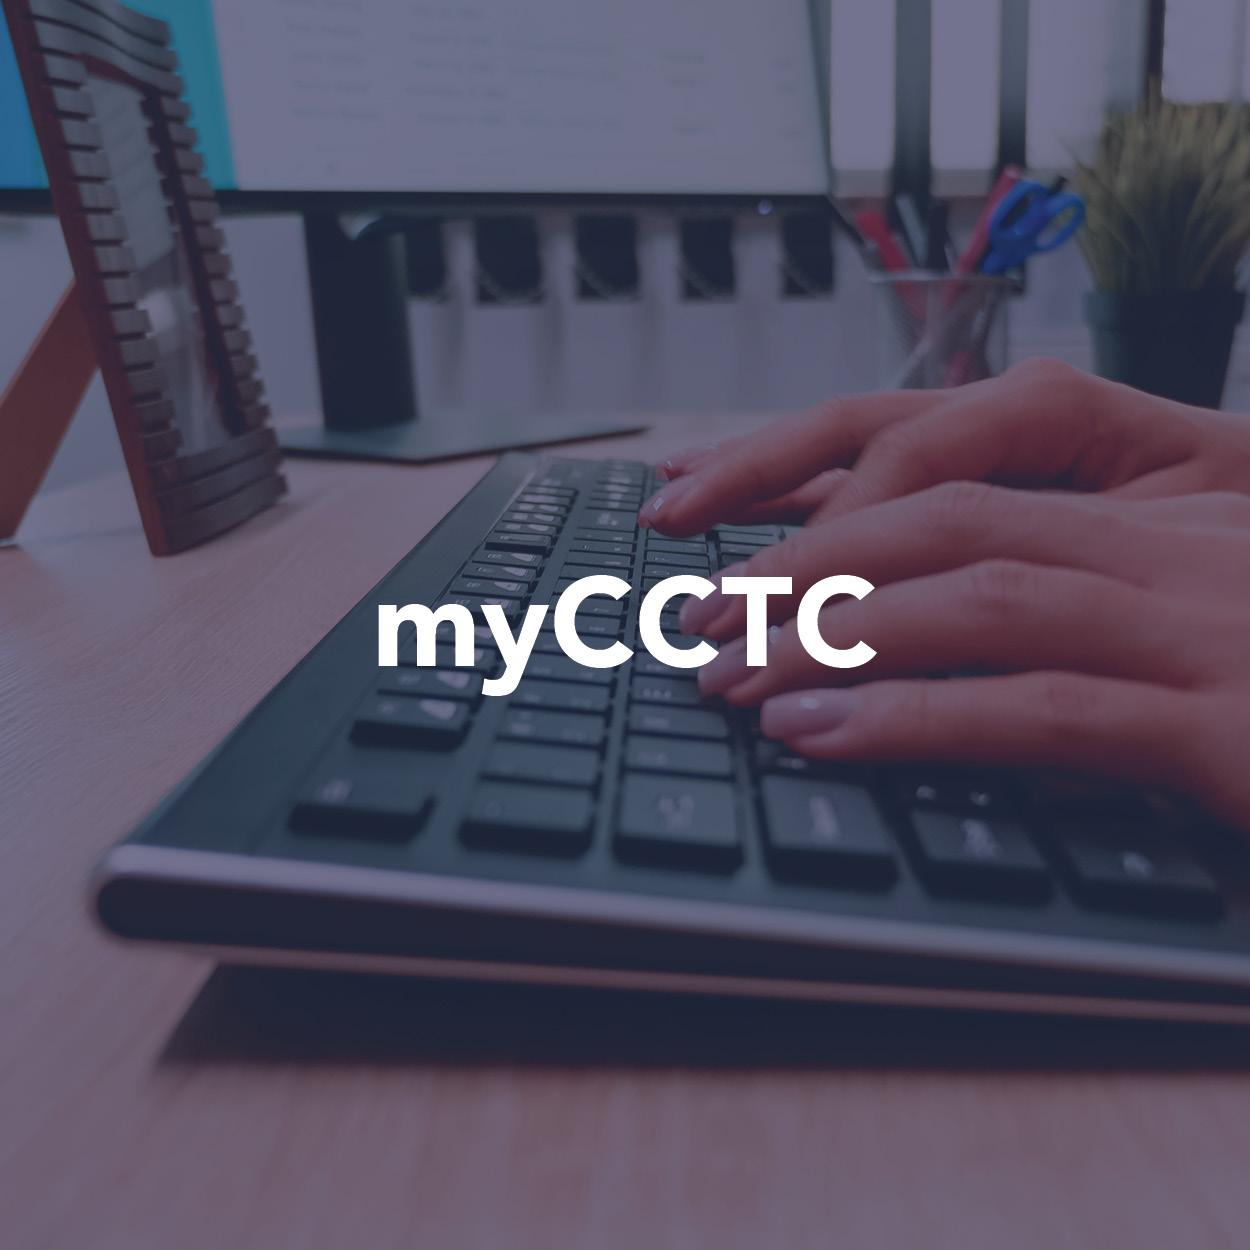 myCCTC